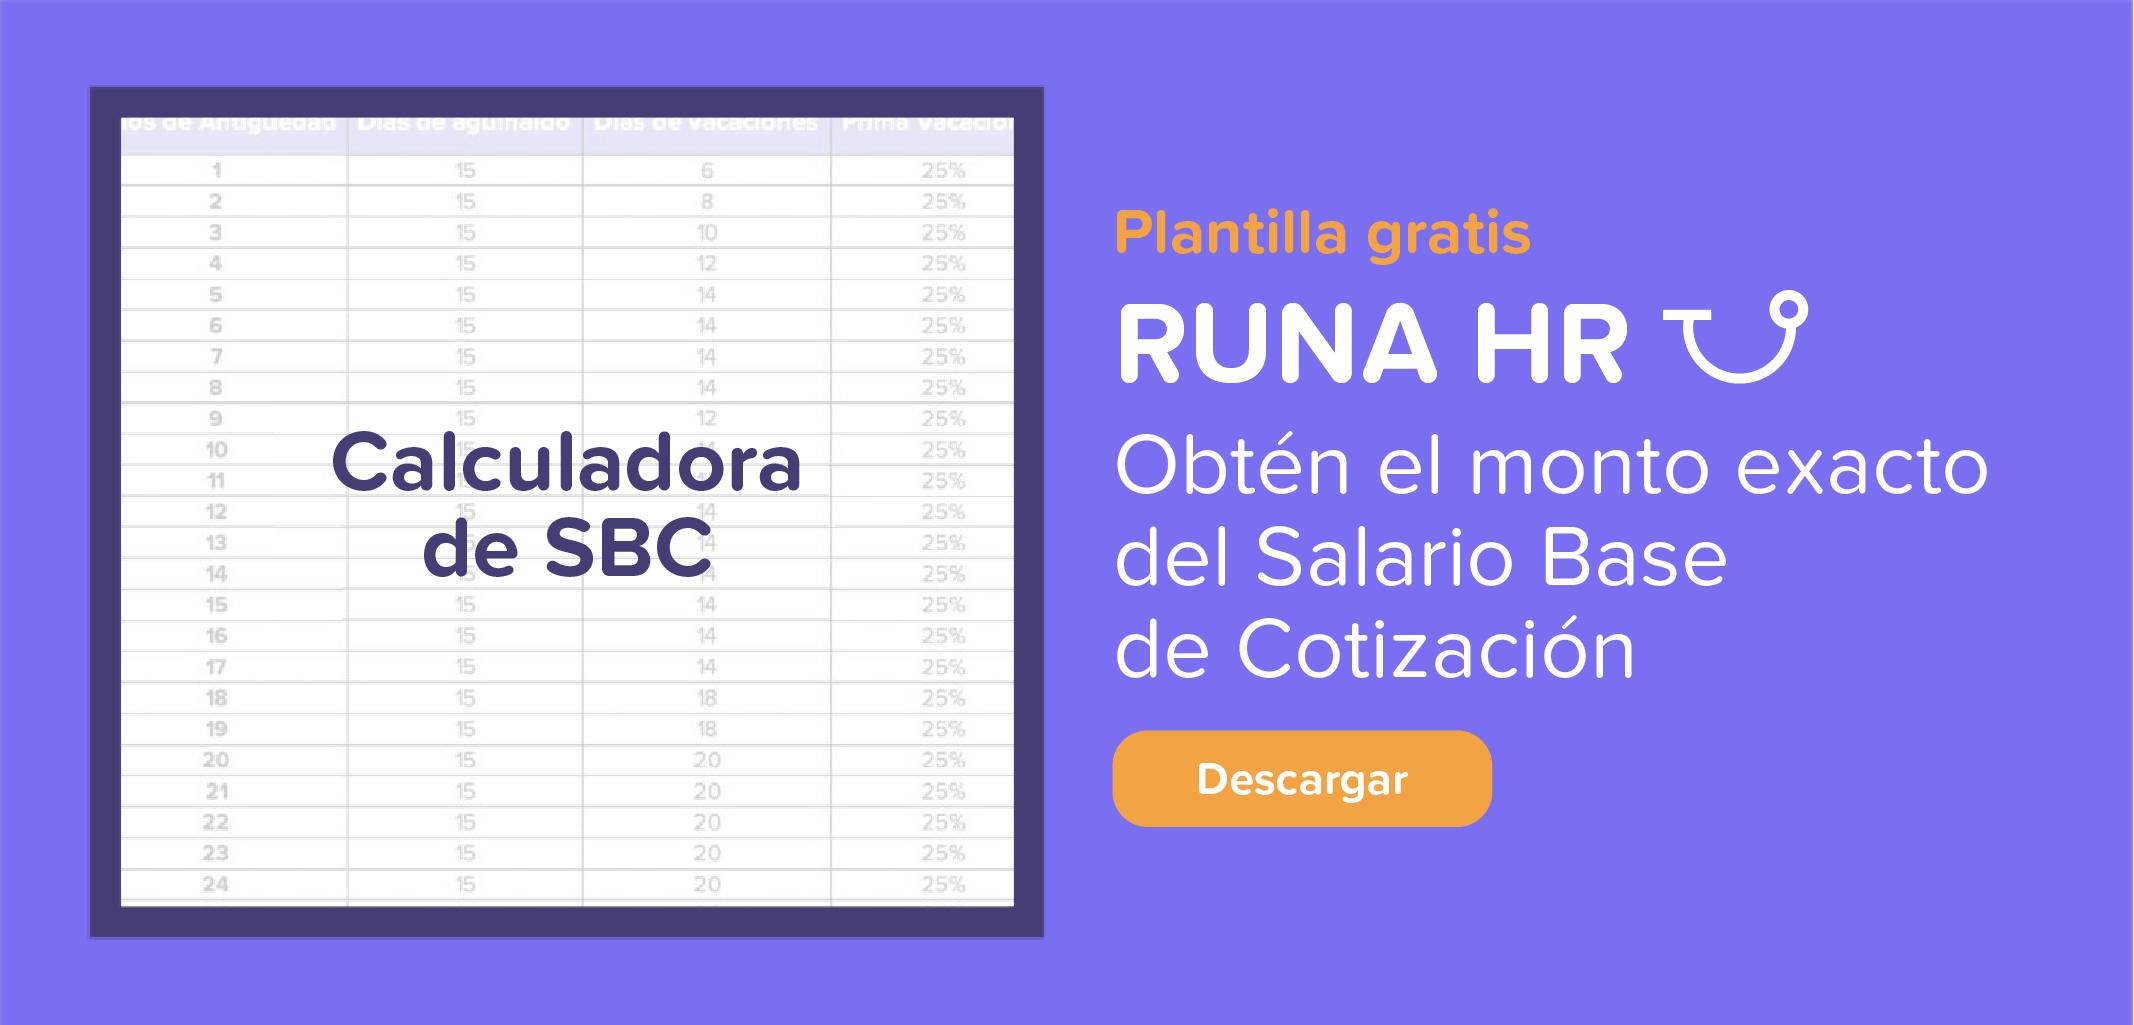 Calculadora del Salario Base de Cotización | Runa HR